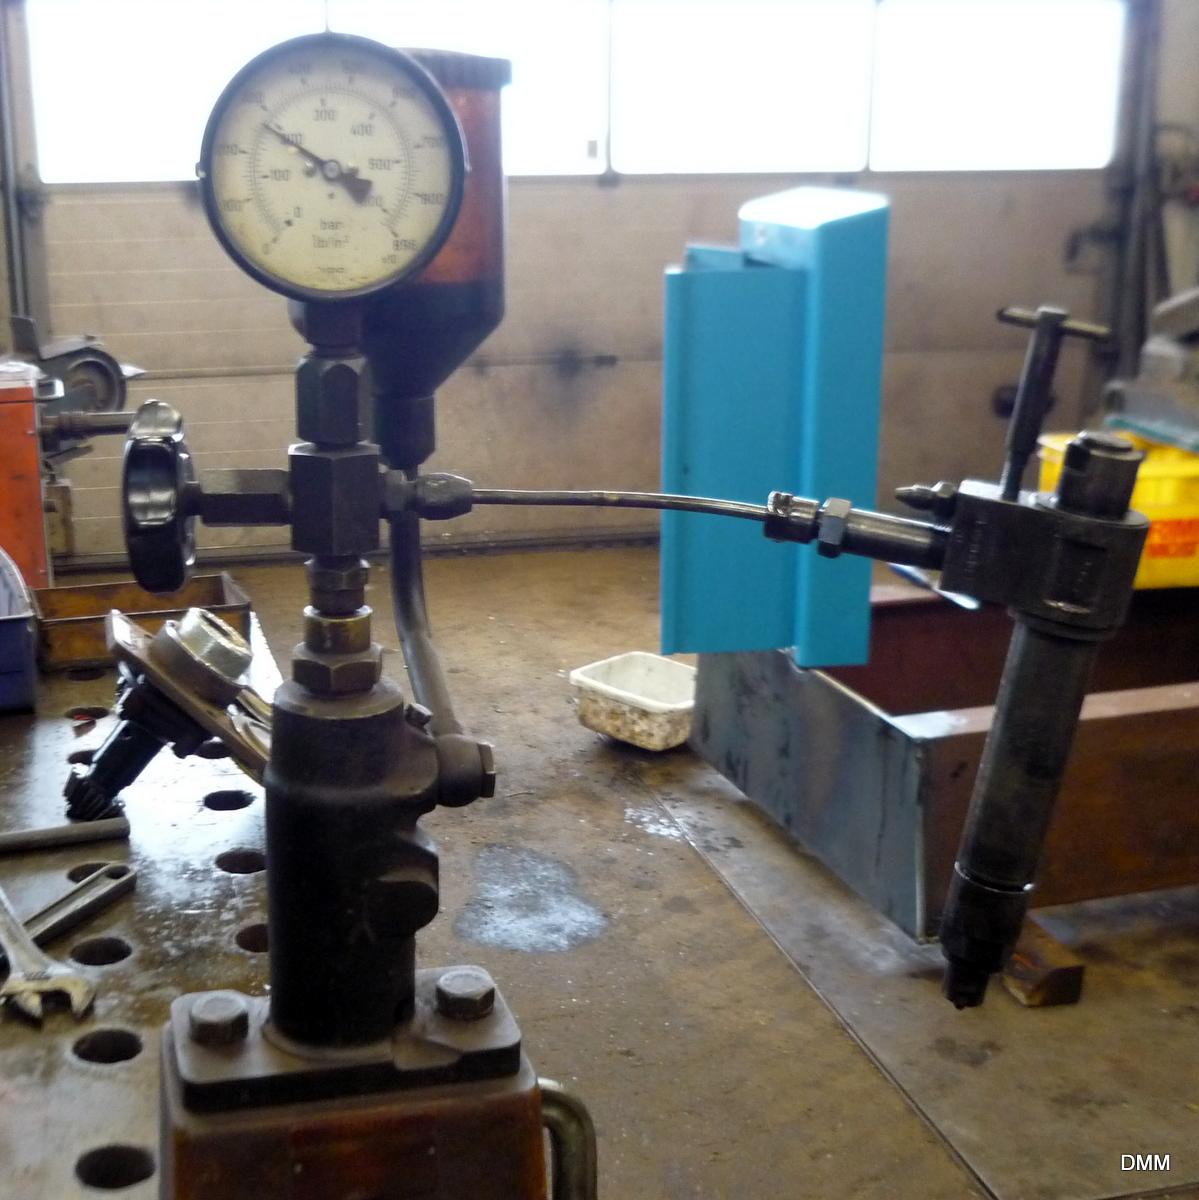 Bukh motor på værkstedet